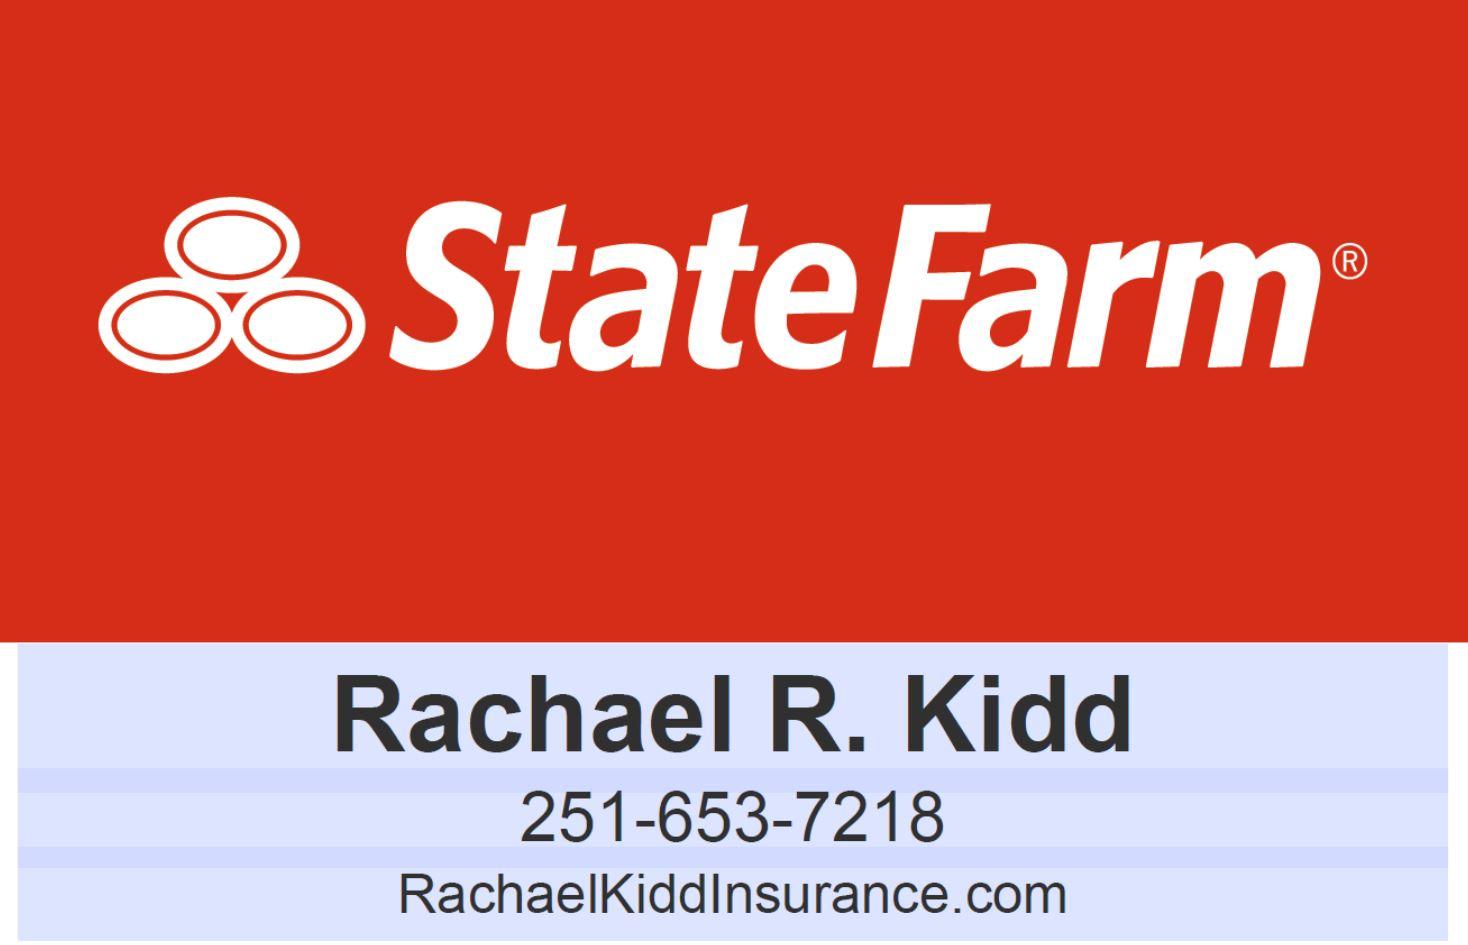 State Farm~Rachael R. Kidd